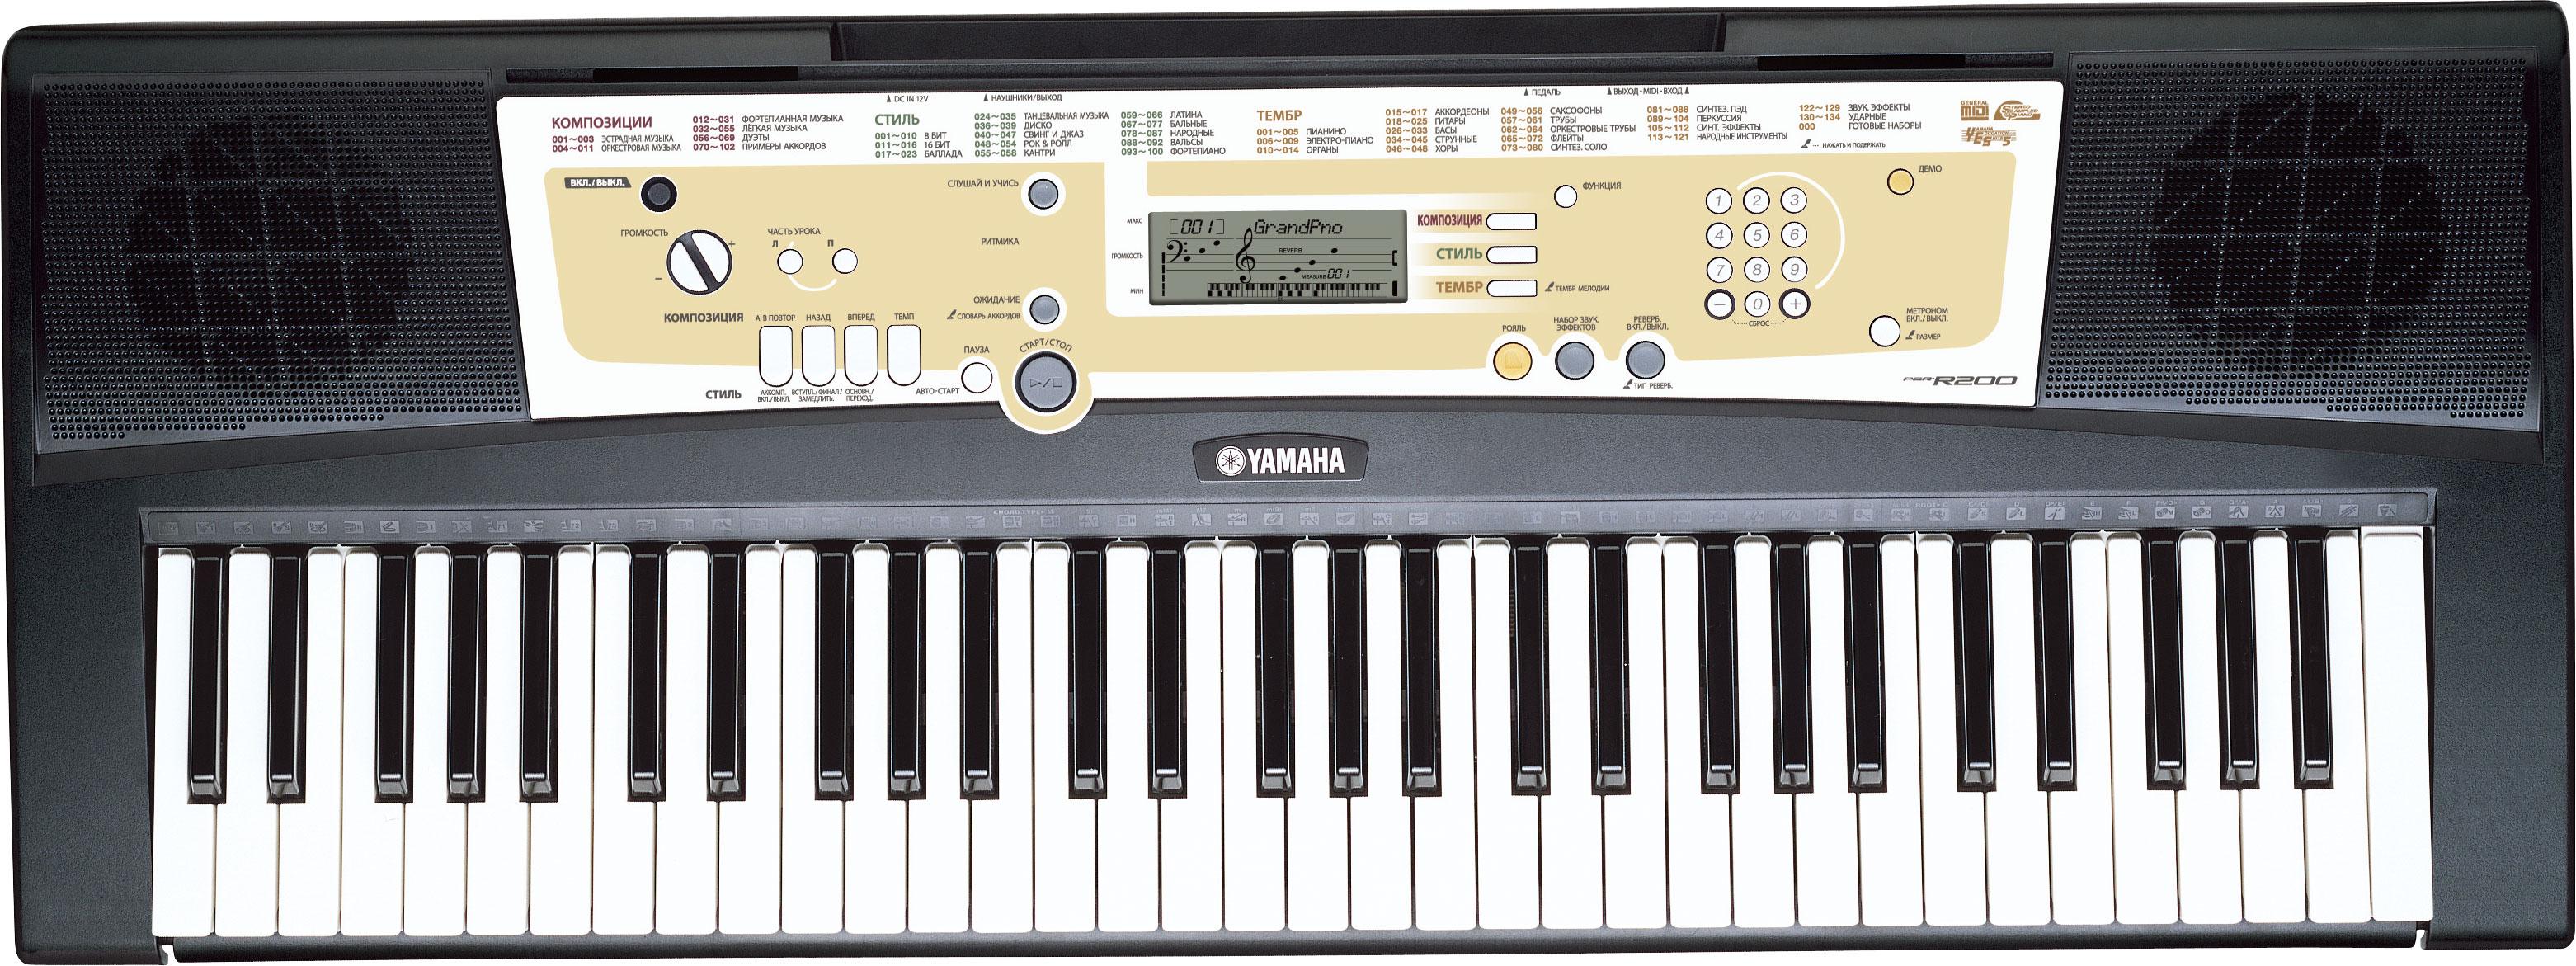 Инструкцию к синтезатору ямаха